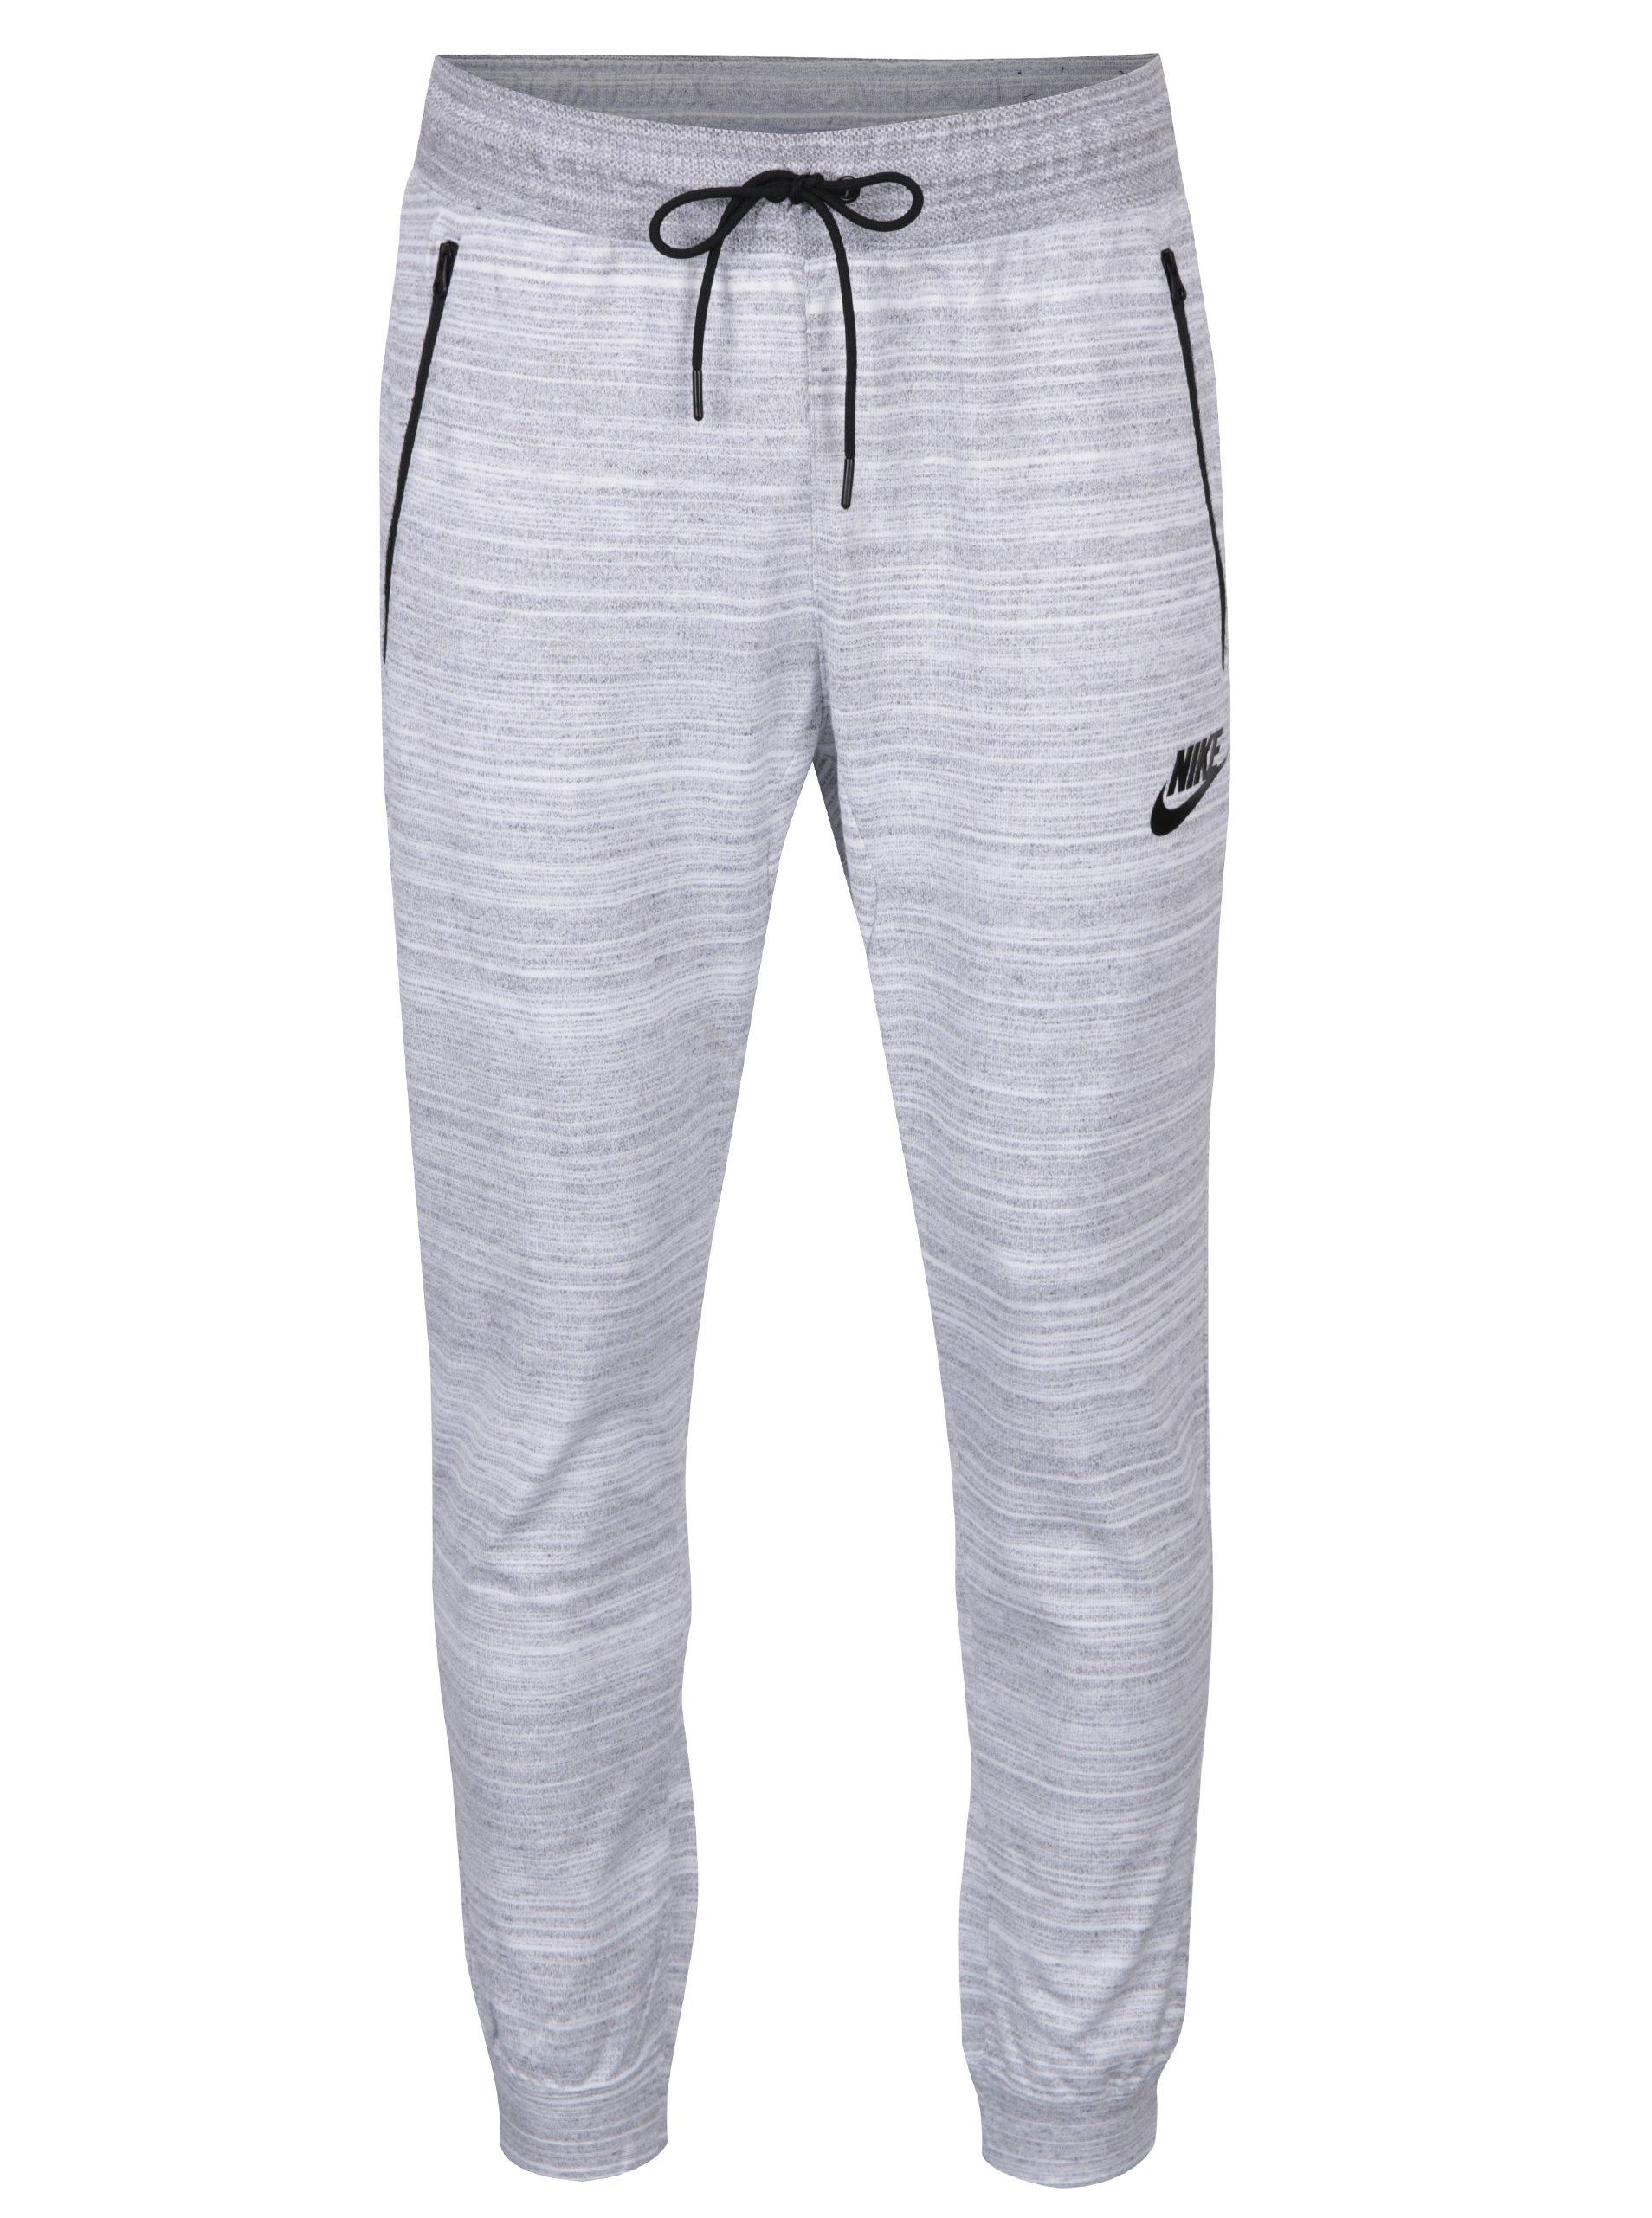 Krémovo-šedé žíhané pánské tepláky s kapsami Nike